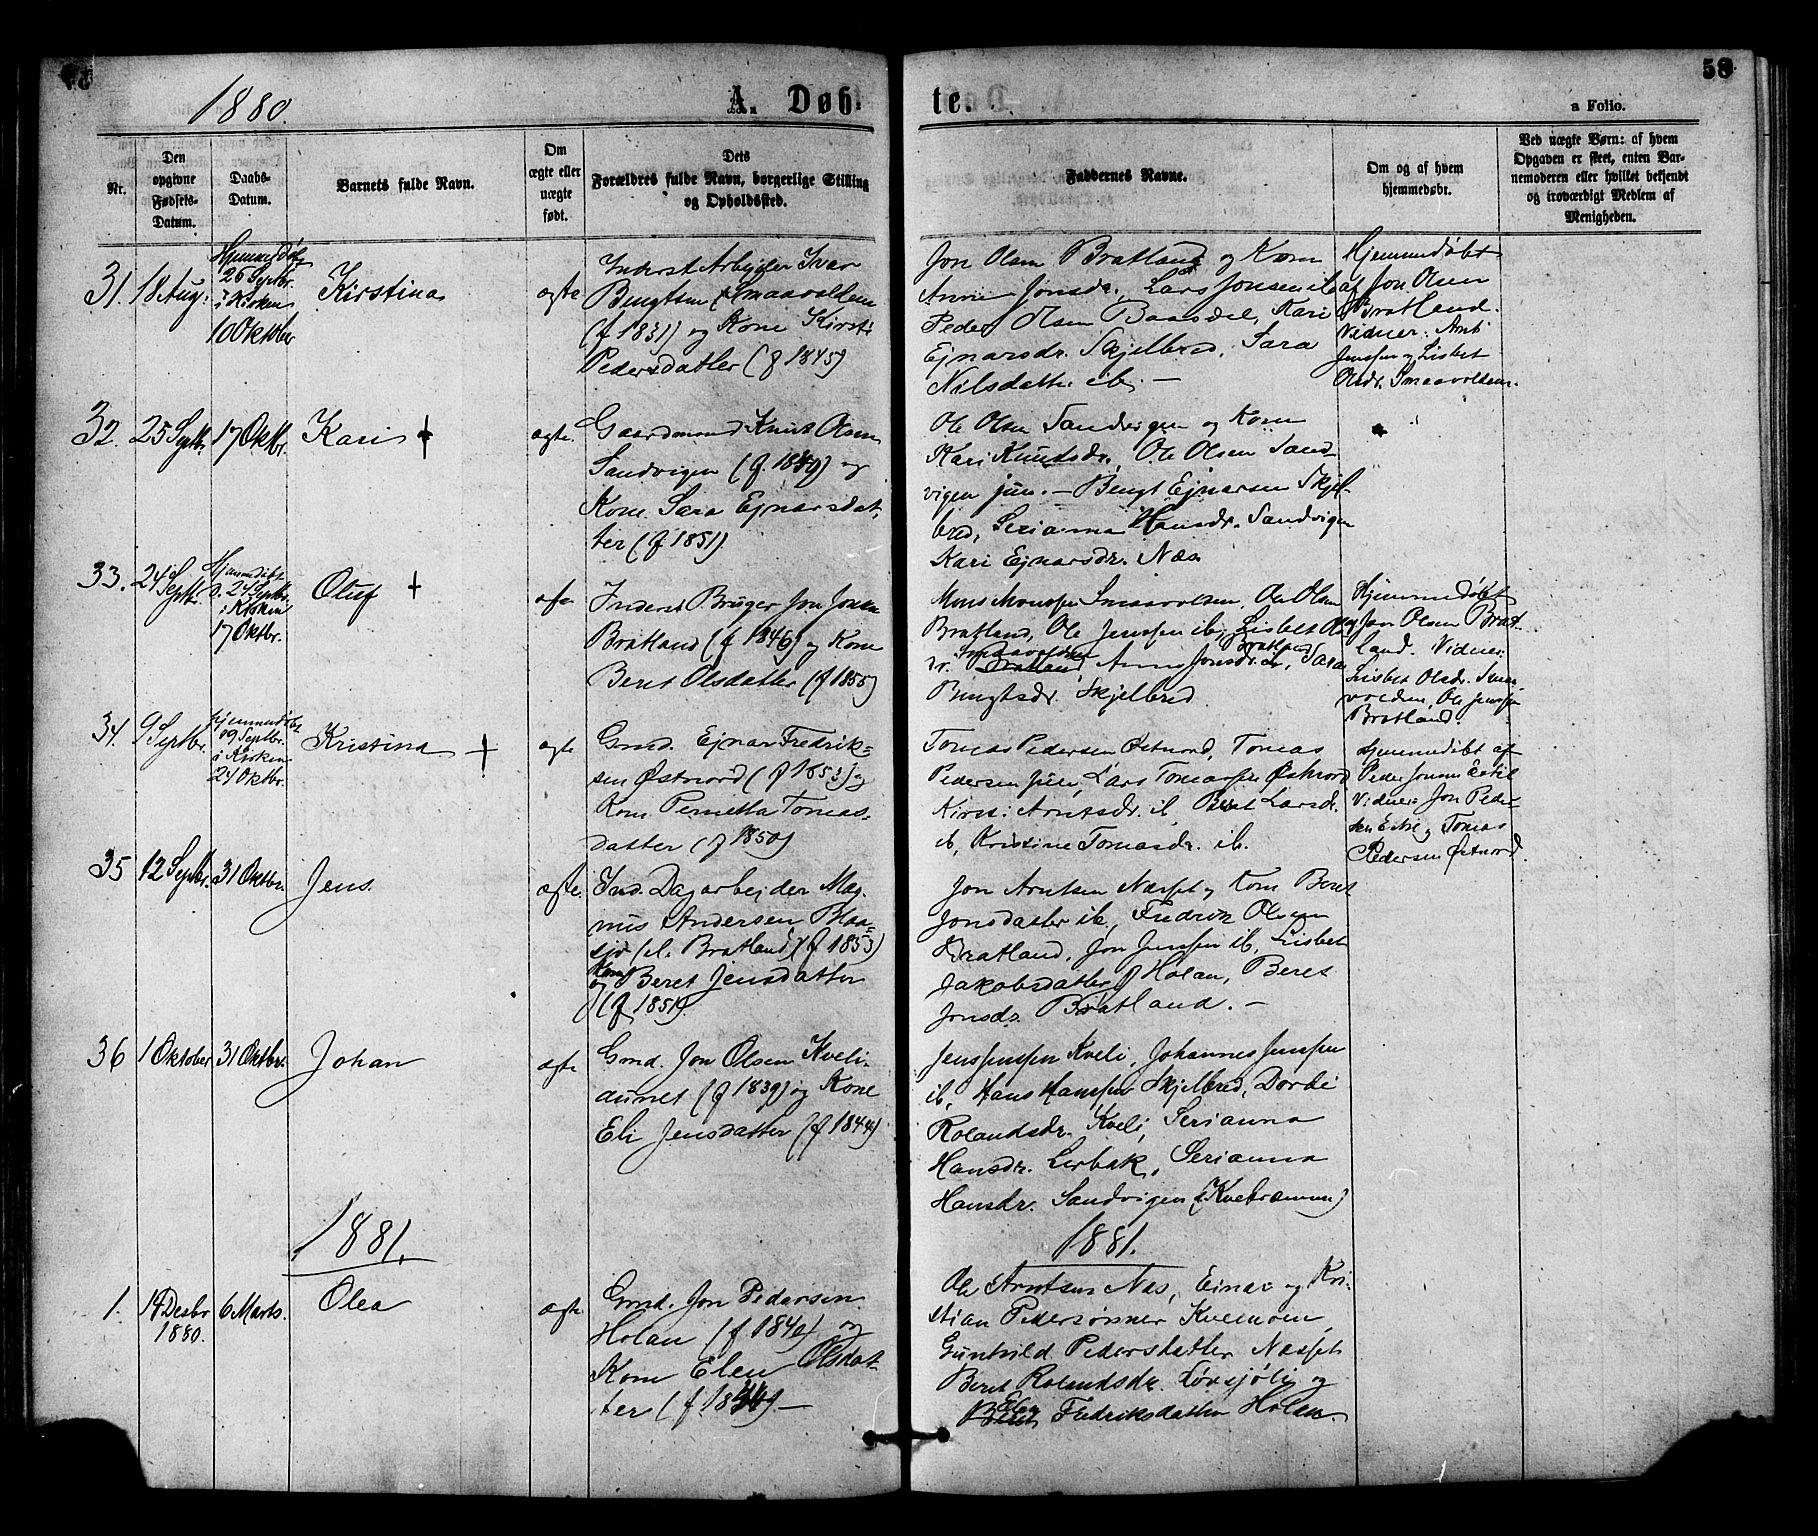 SAT, Ministerialprotokoller, klokkerbøker og fødselsregistre - Nord-Trøndelag, 755/L0493: Ministerialbok nr. 755A02, 1865-1881, s. 58